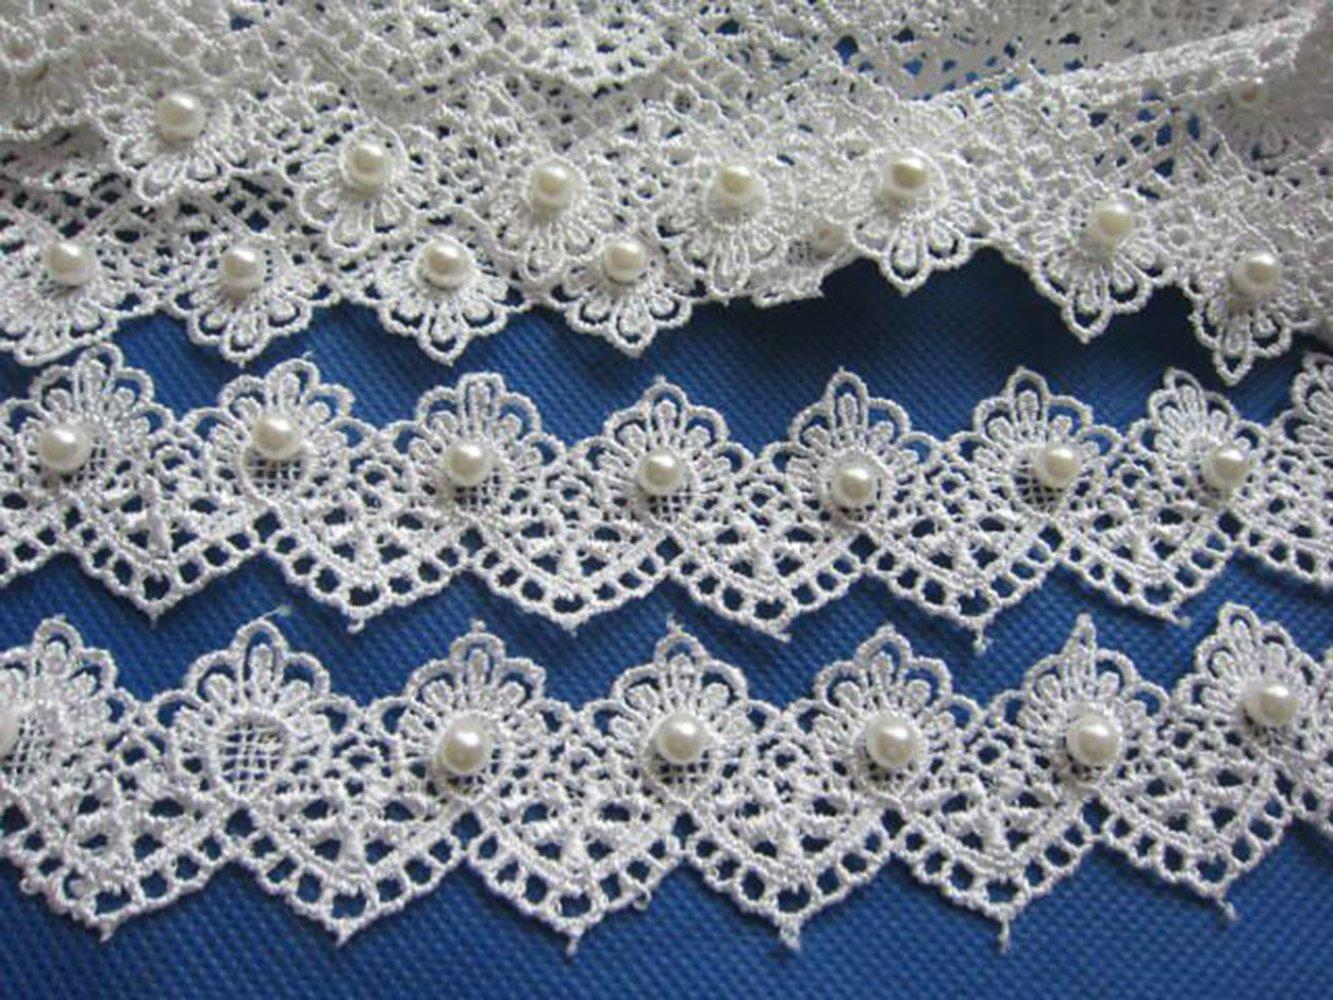 White d flower lace applique floral lace applique lace patch